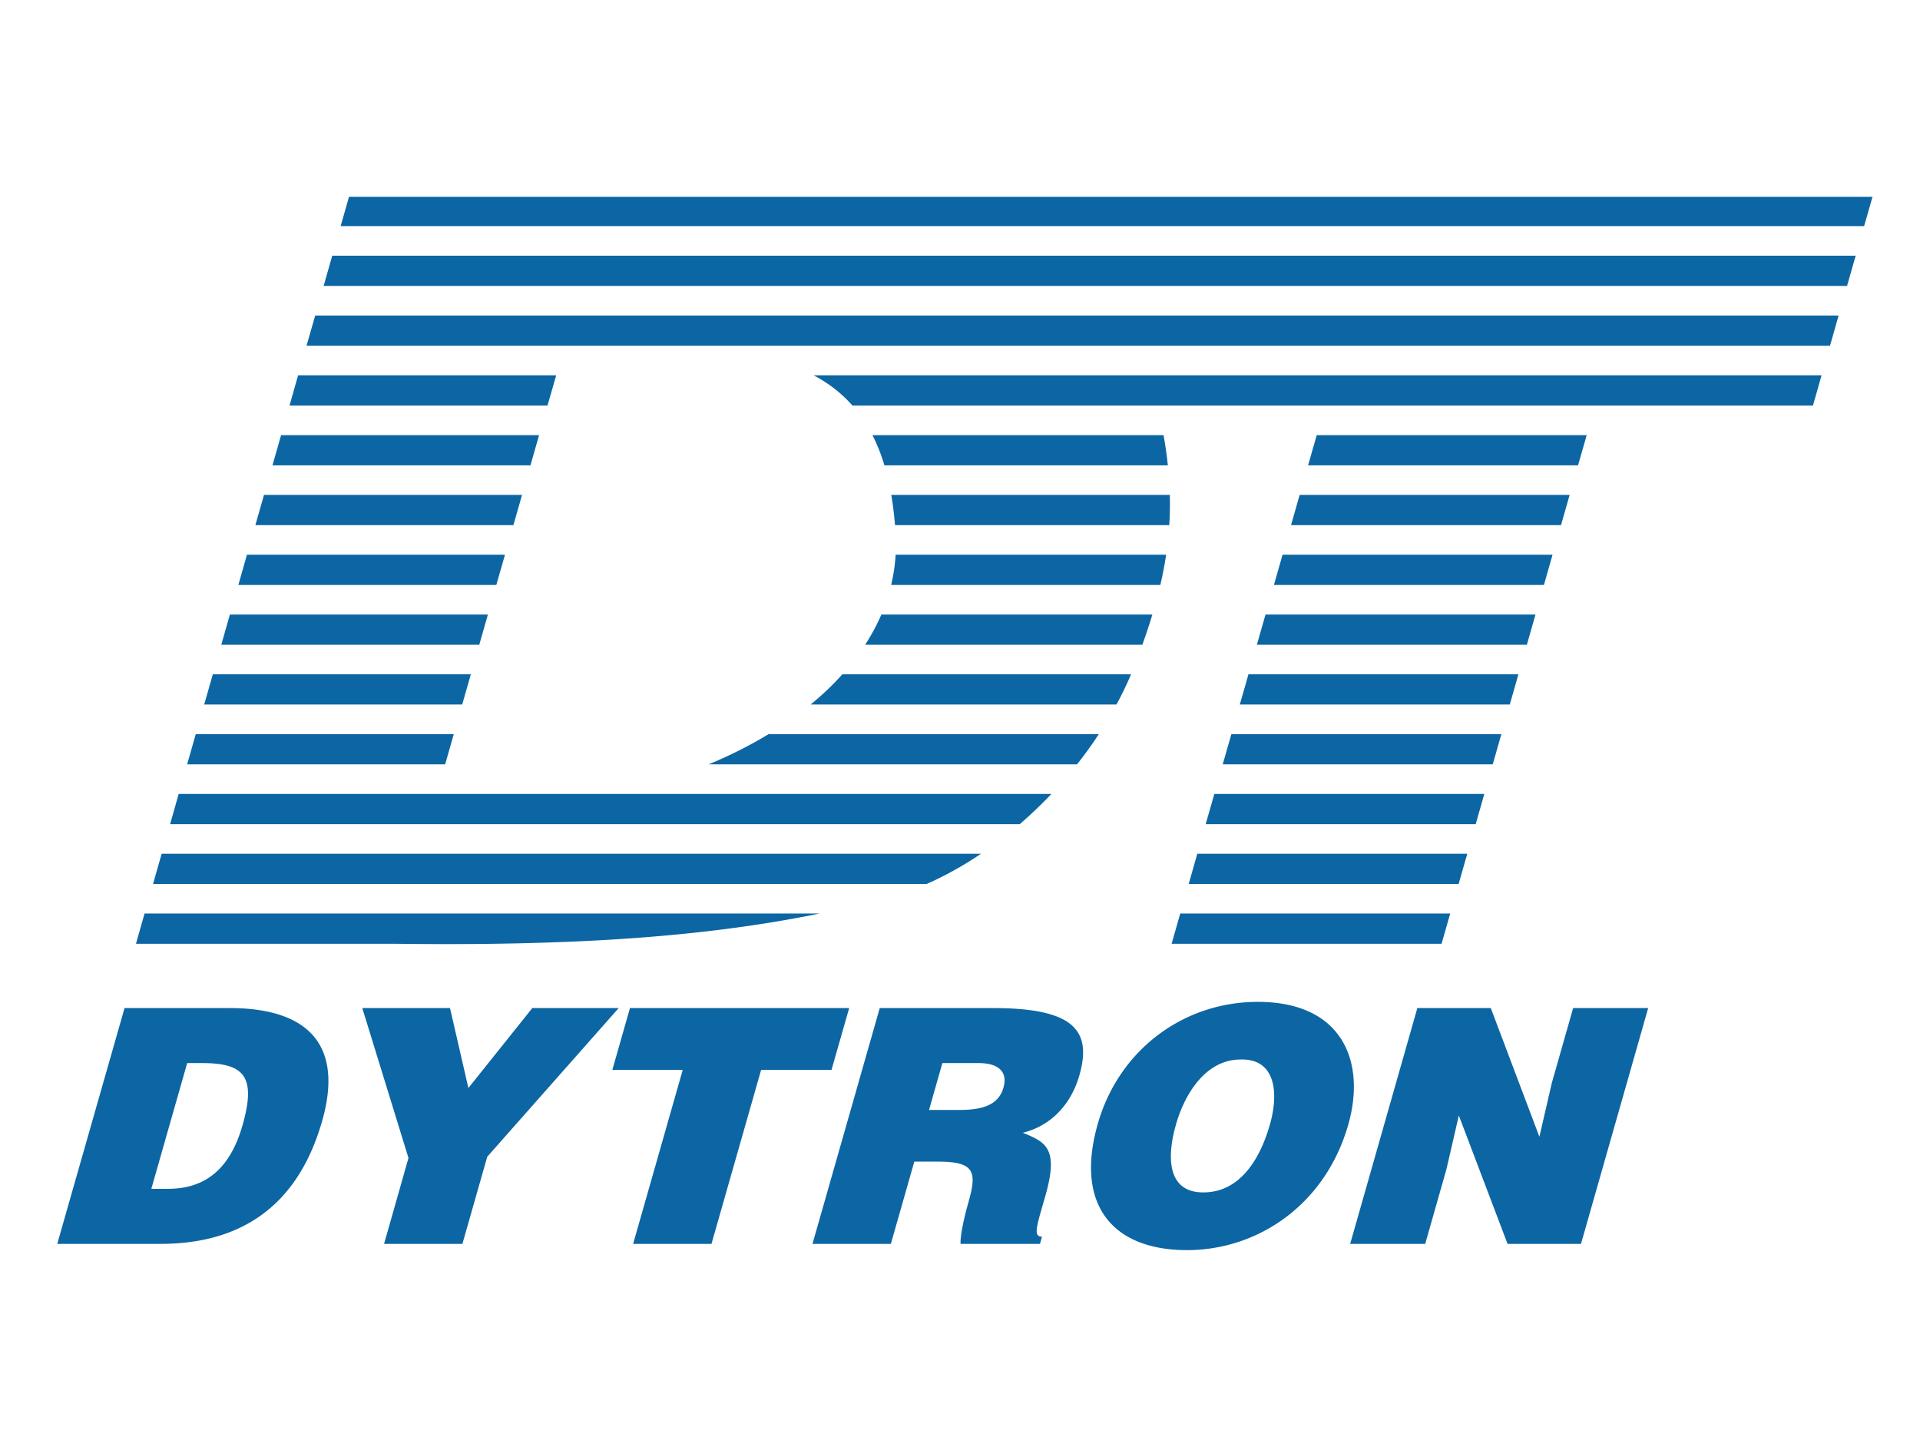 фирма dytron